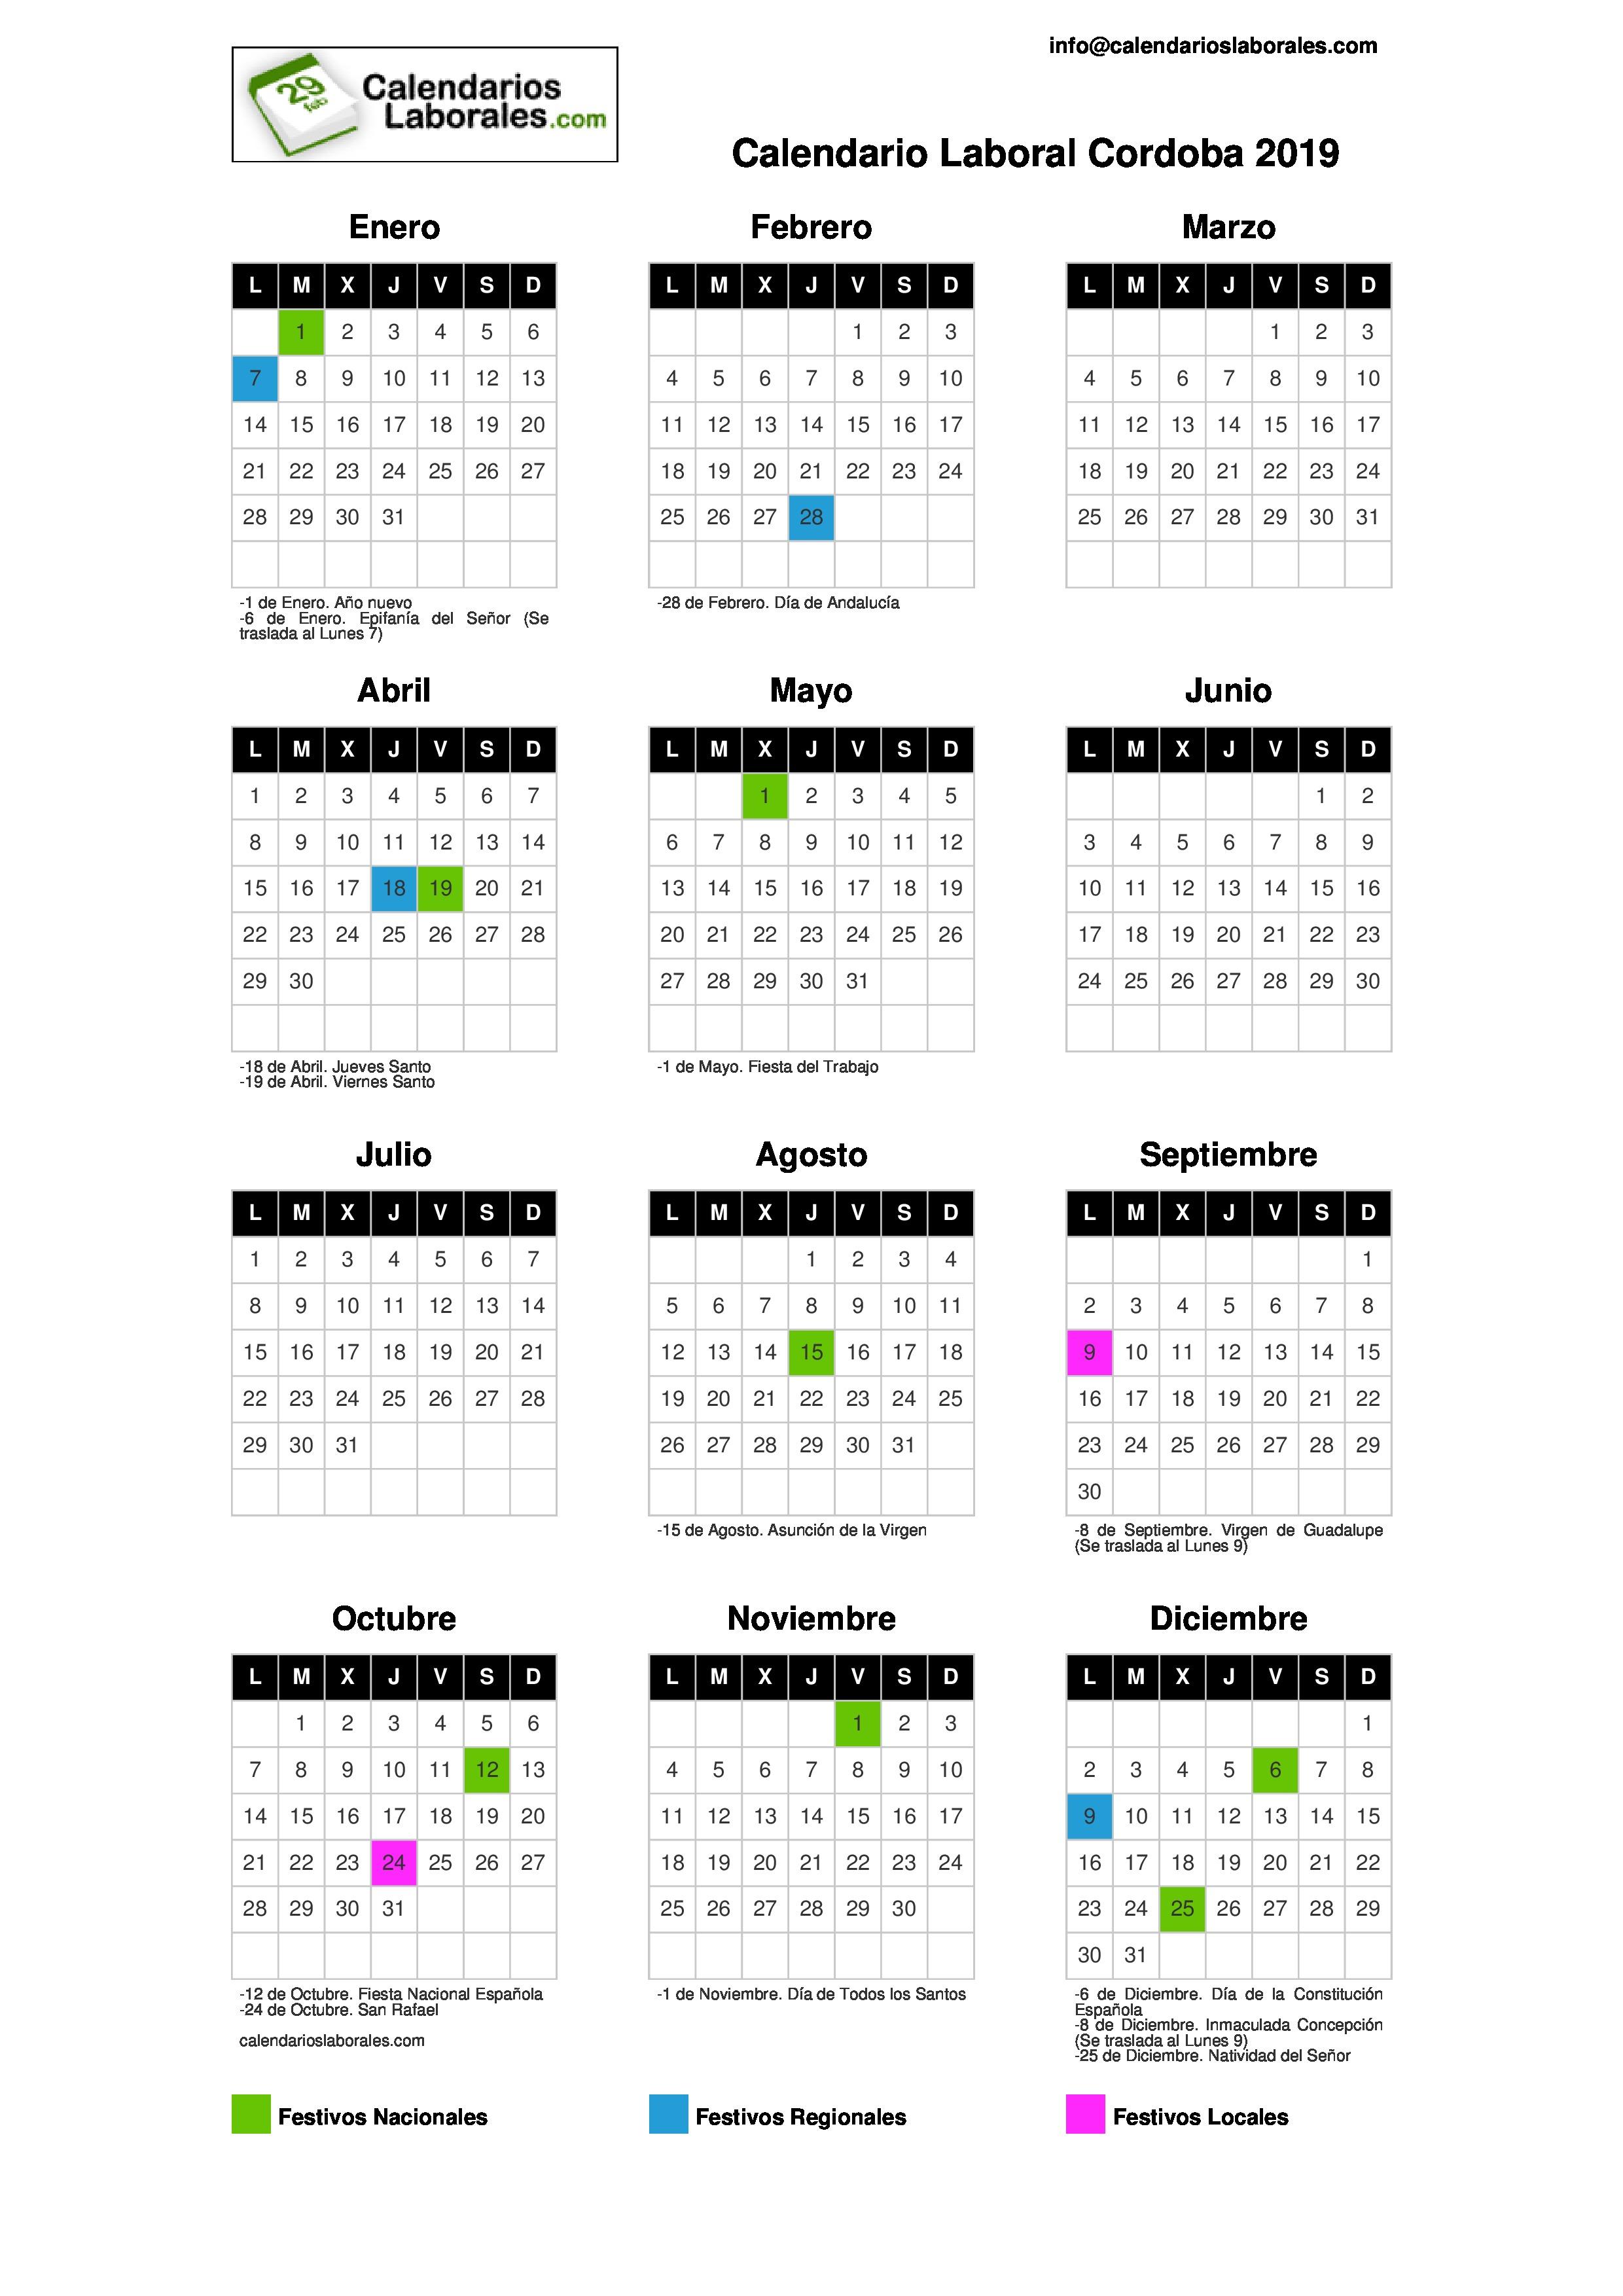 Calendario Diciembre 2019 Para Imprimir Argentina.Calendario Laboral Cordoba 2019